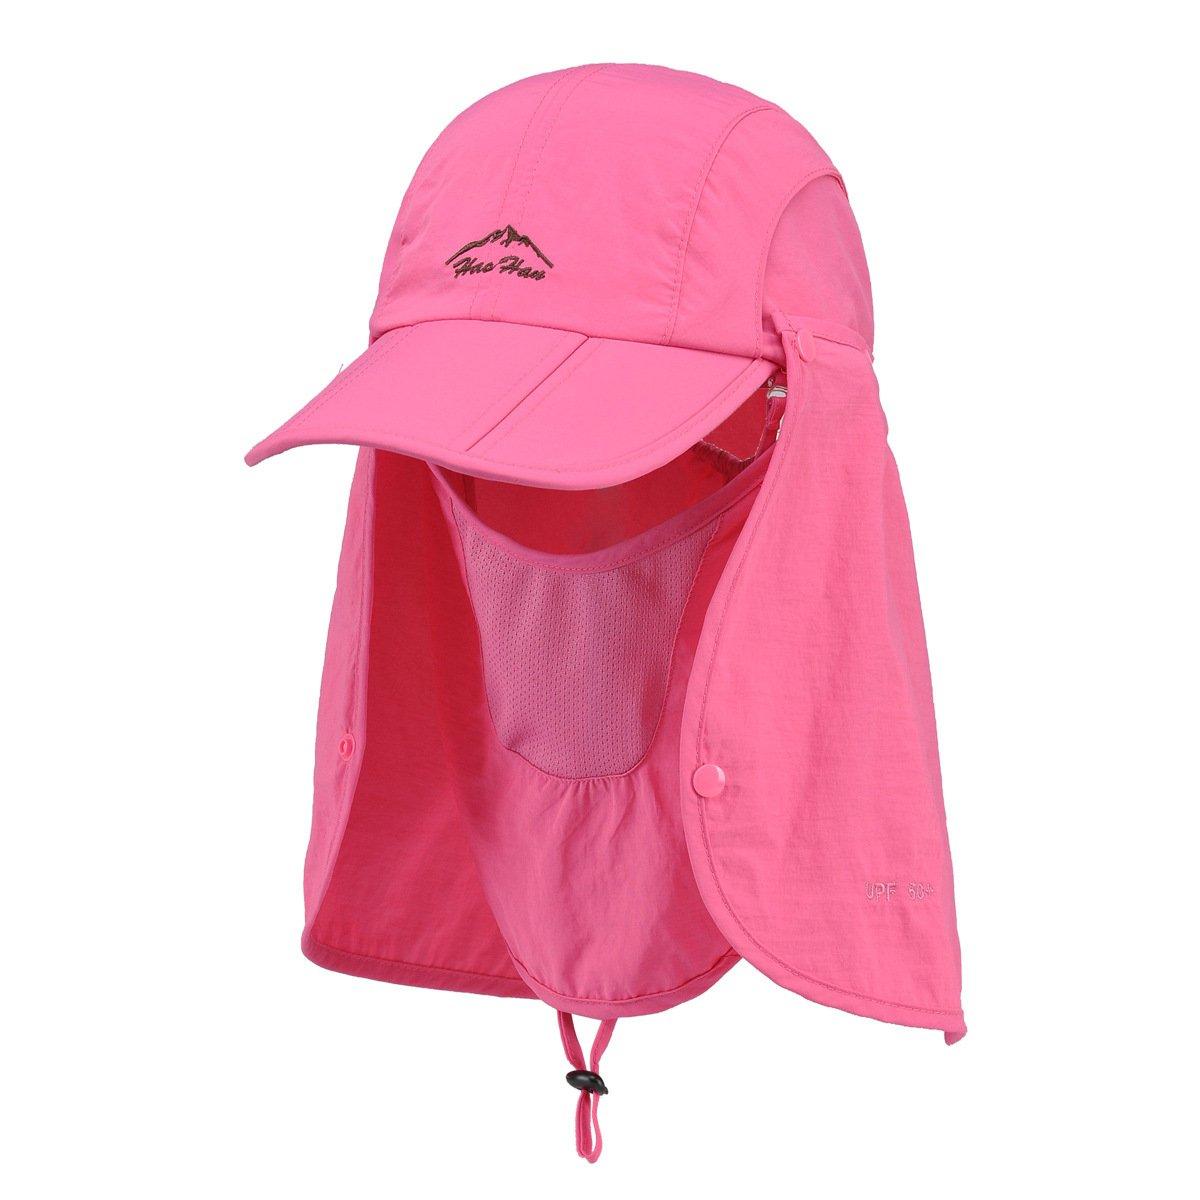 Belsen UPF 50+ Summer Hat Neck Protection Flap Cap (Pink) by Belsen